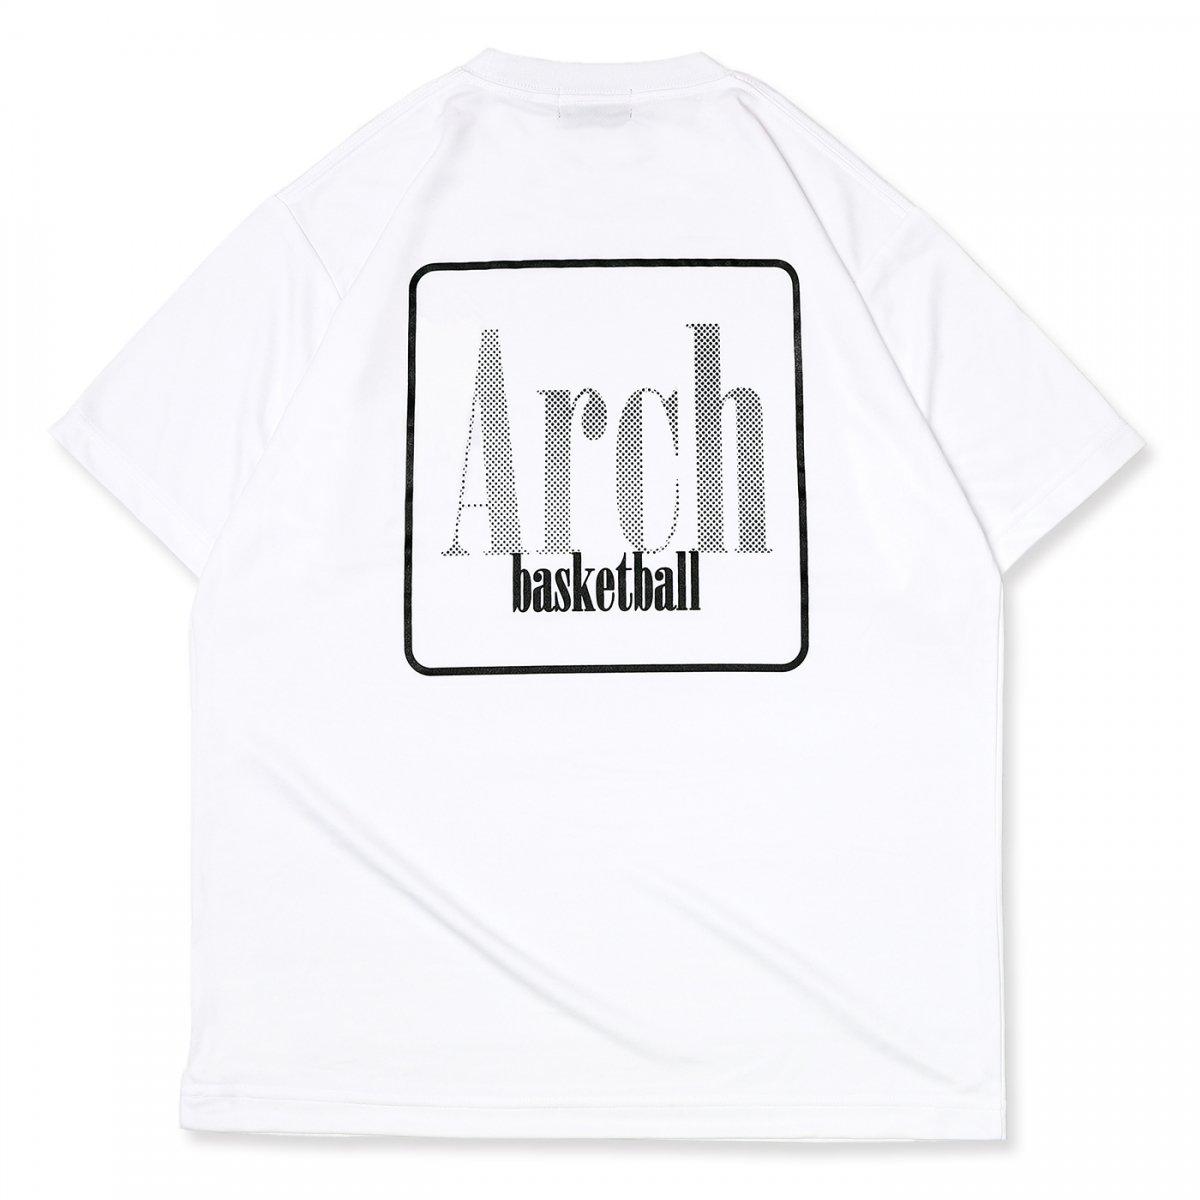 スクエア ロゴ Tシャツ ホワイト